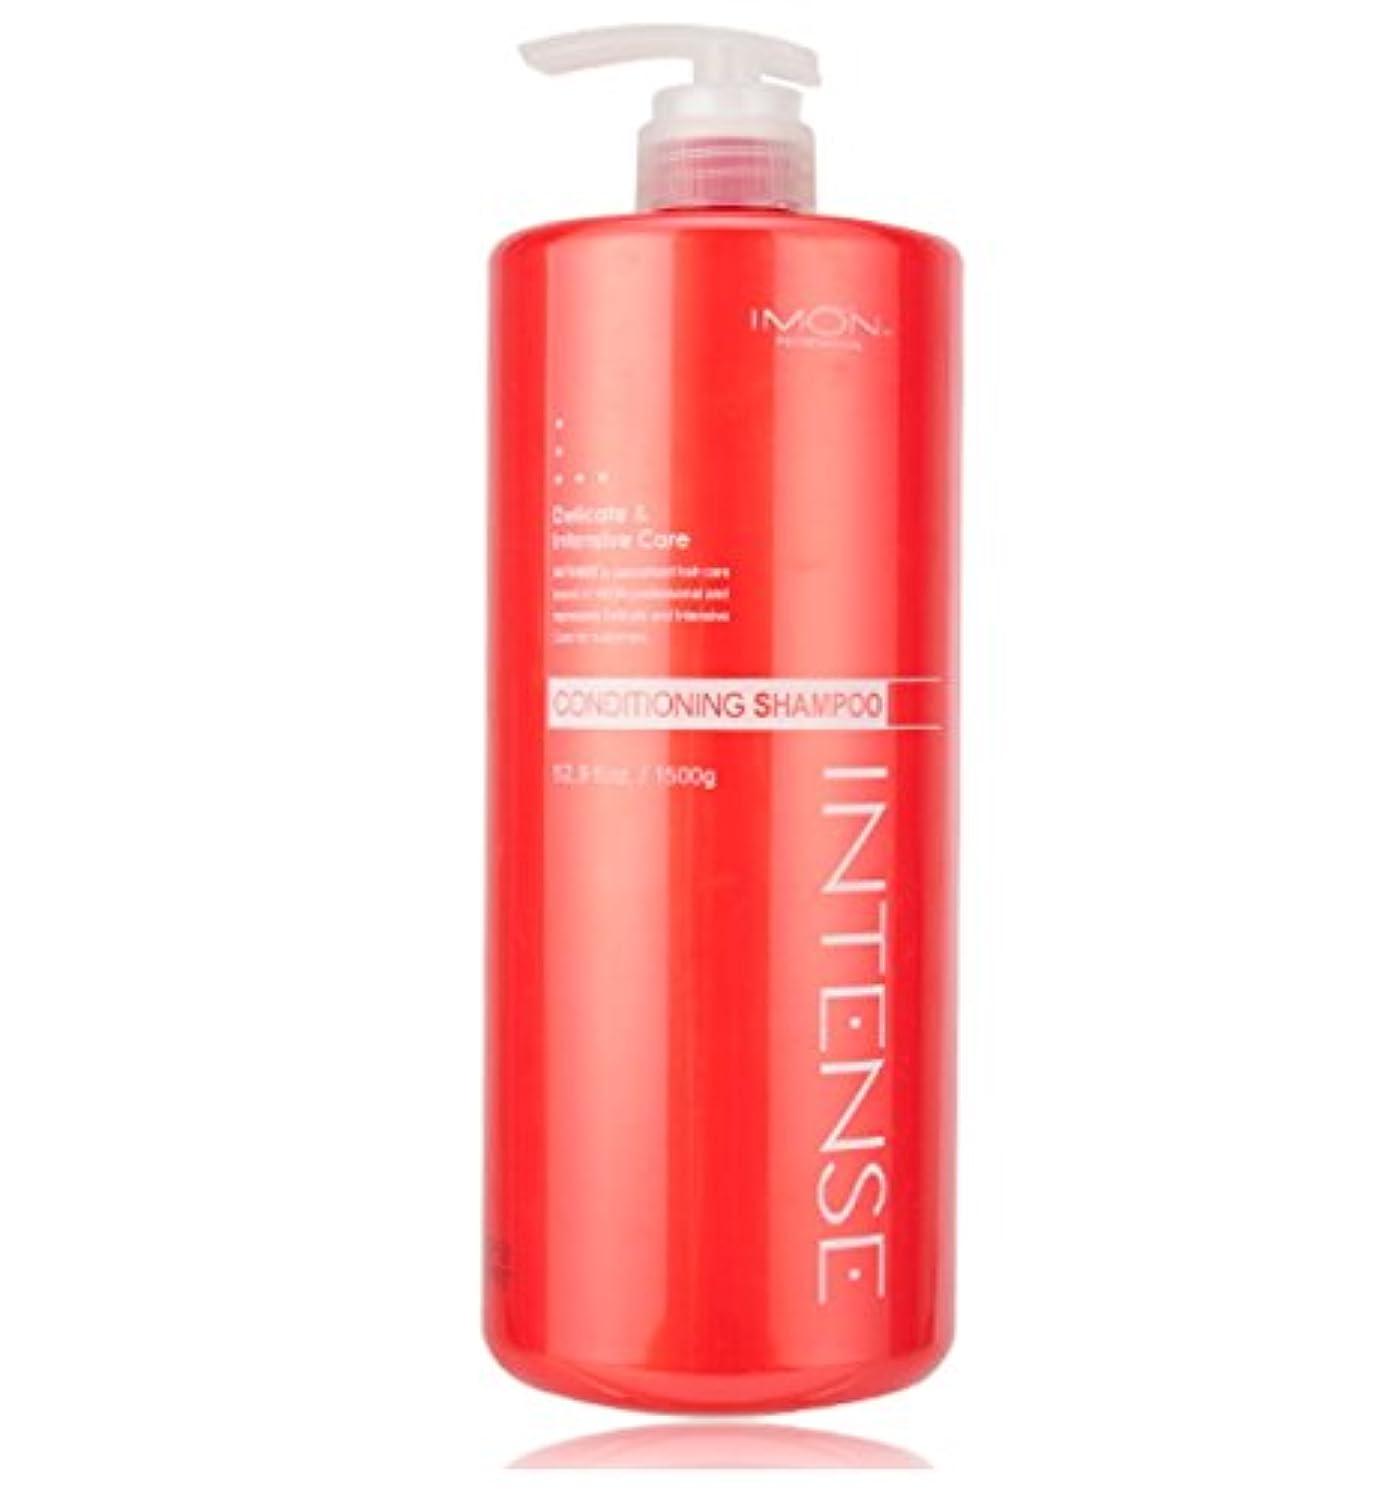 社会学化粧代理店[IMON/アイモン] Imon Intense Conditioning Shampoo 1500g/アイモンインテンスコンディショニングシャンプー(海外直送品)